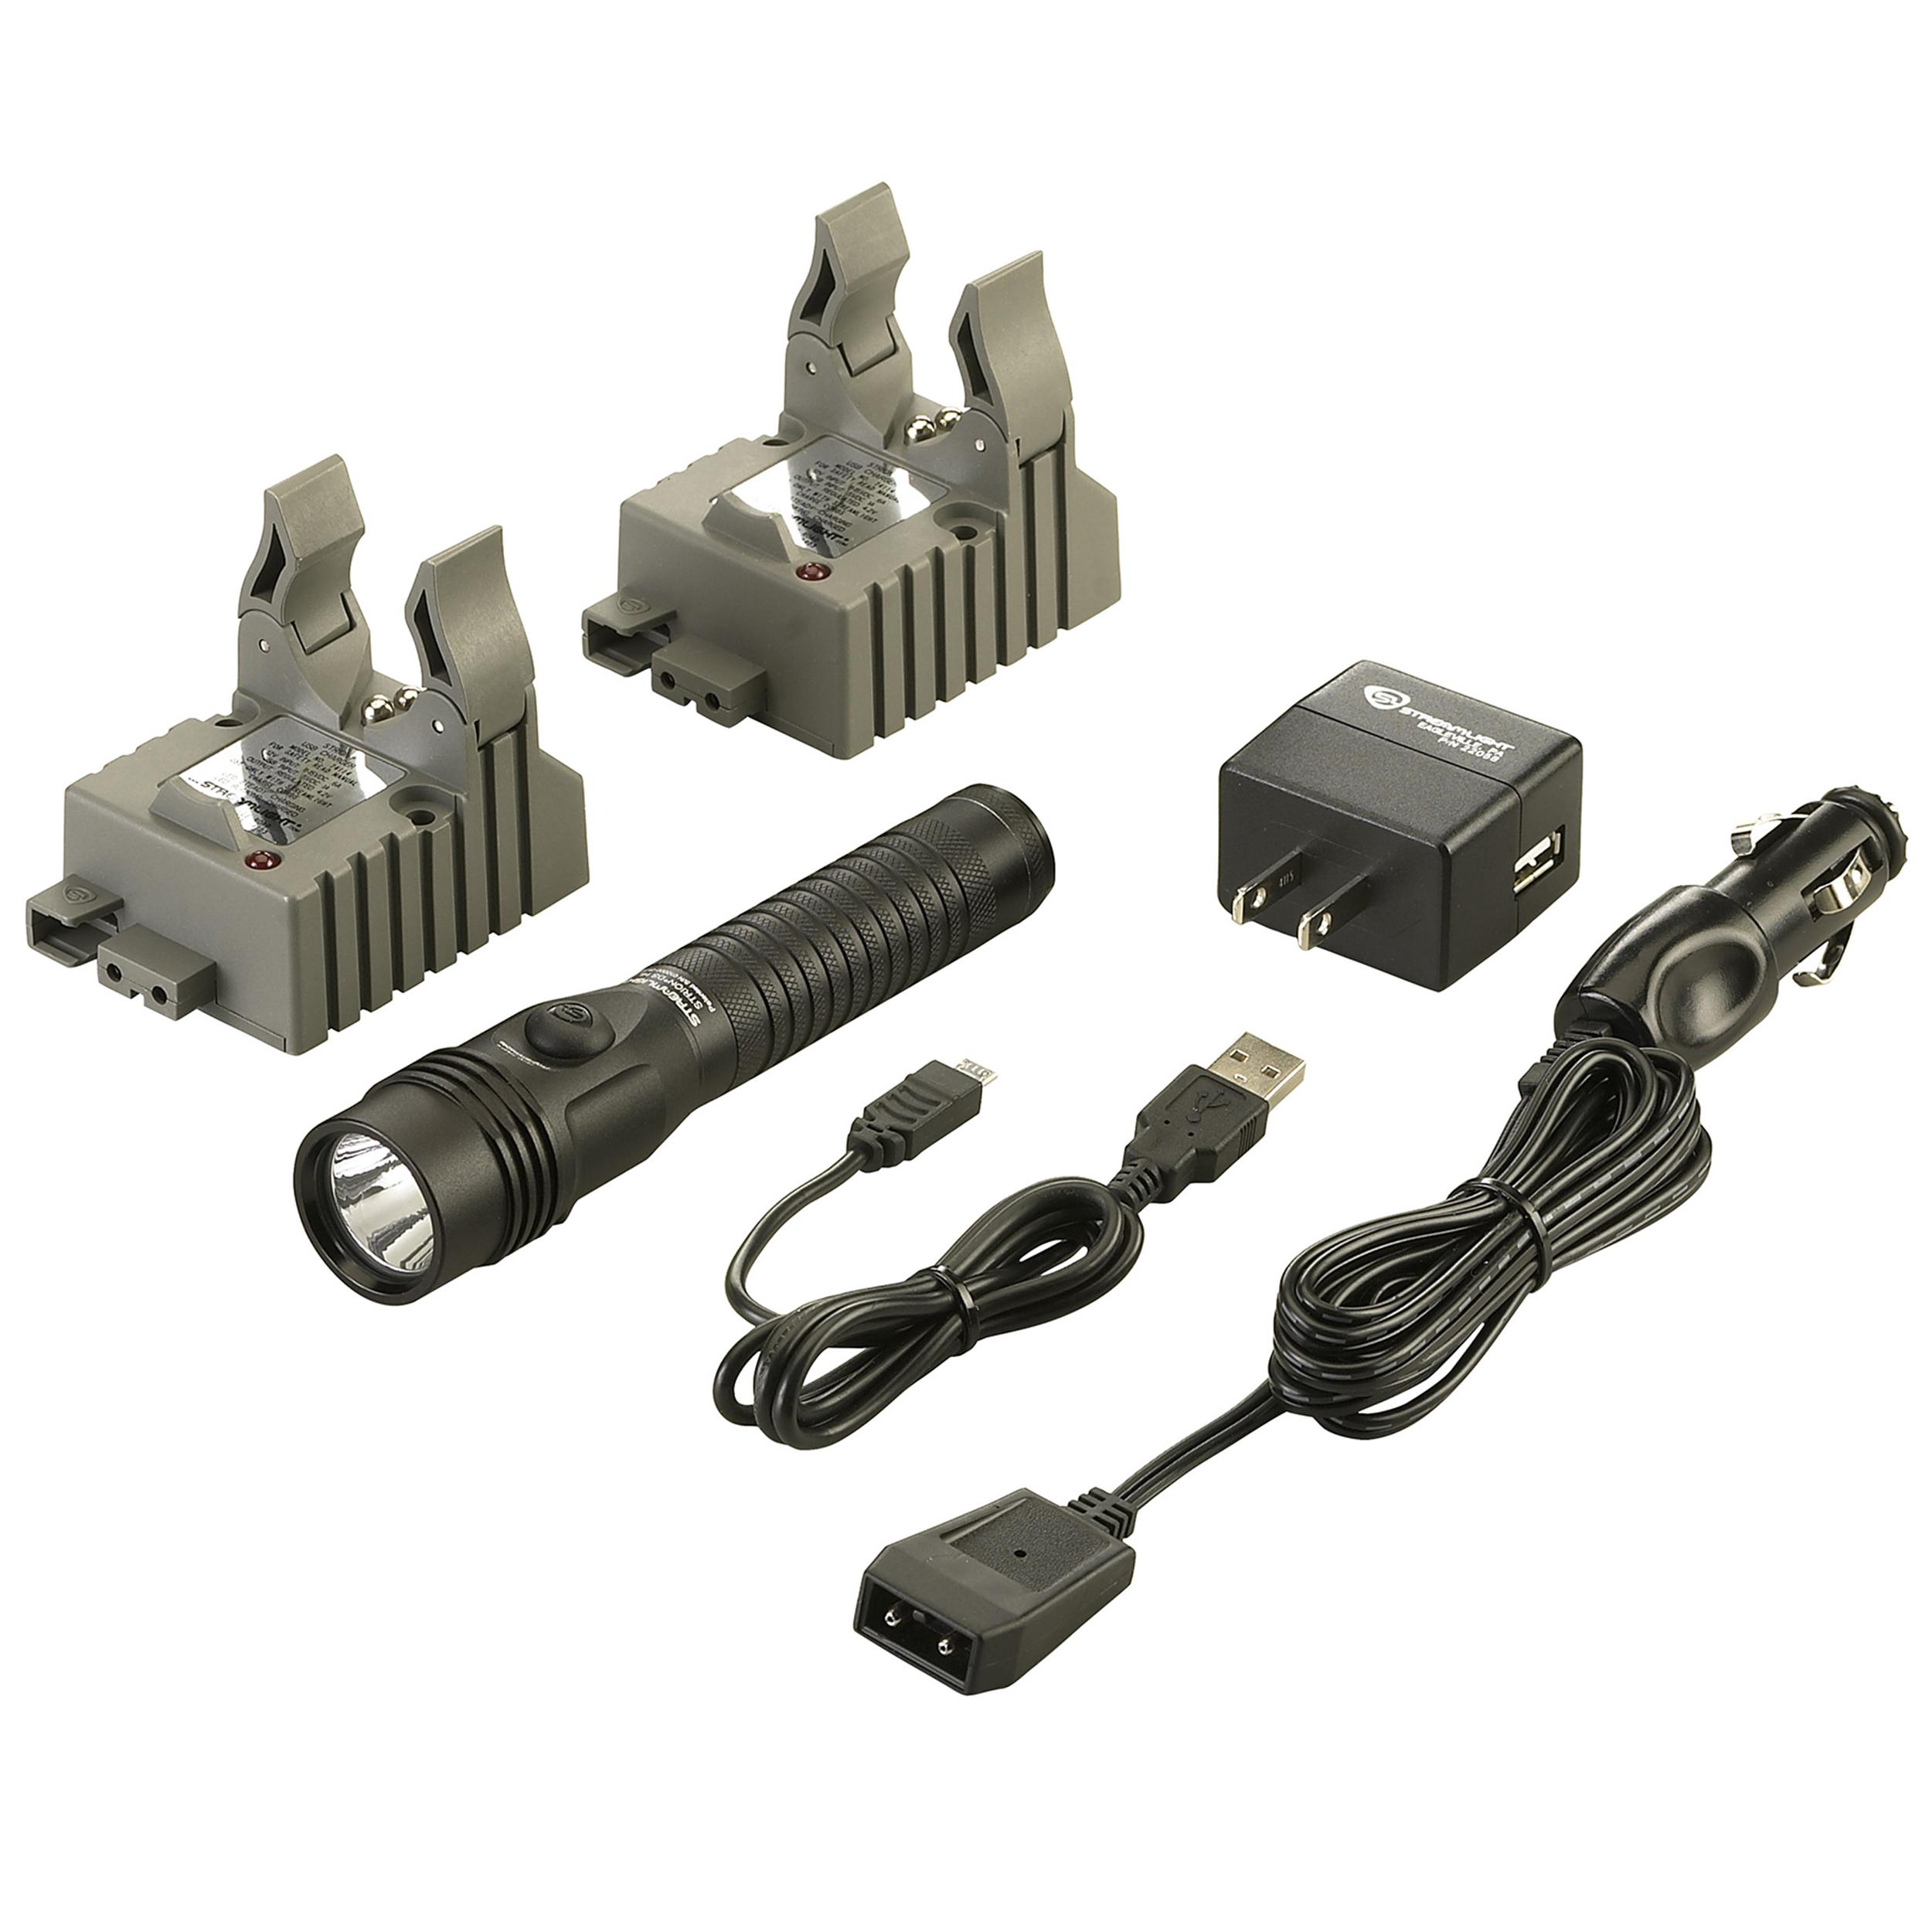 Streamlight Strion DS HL IEC Type A (120V/100V) AC/12V DC, 2 Holder